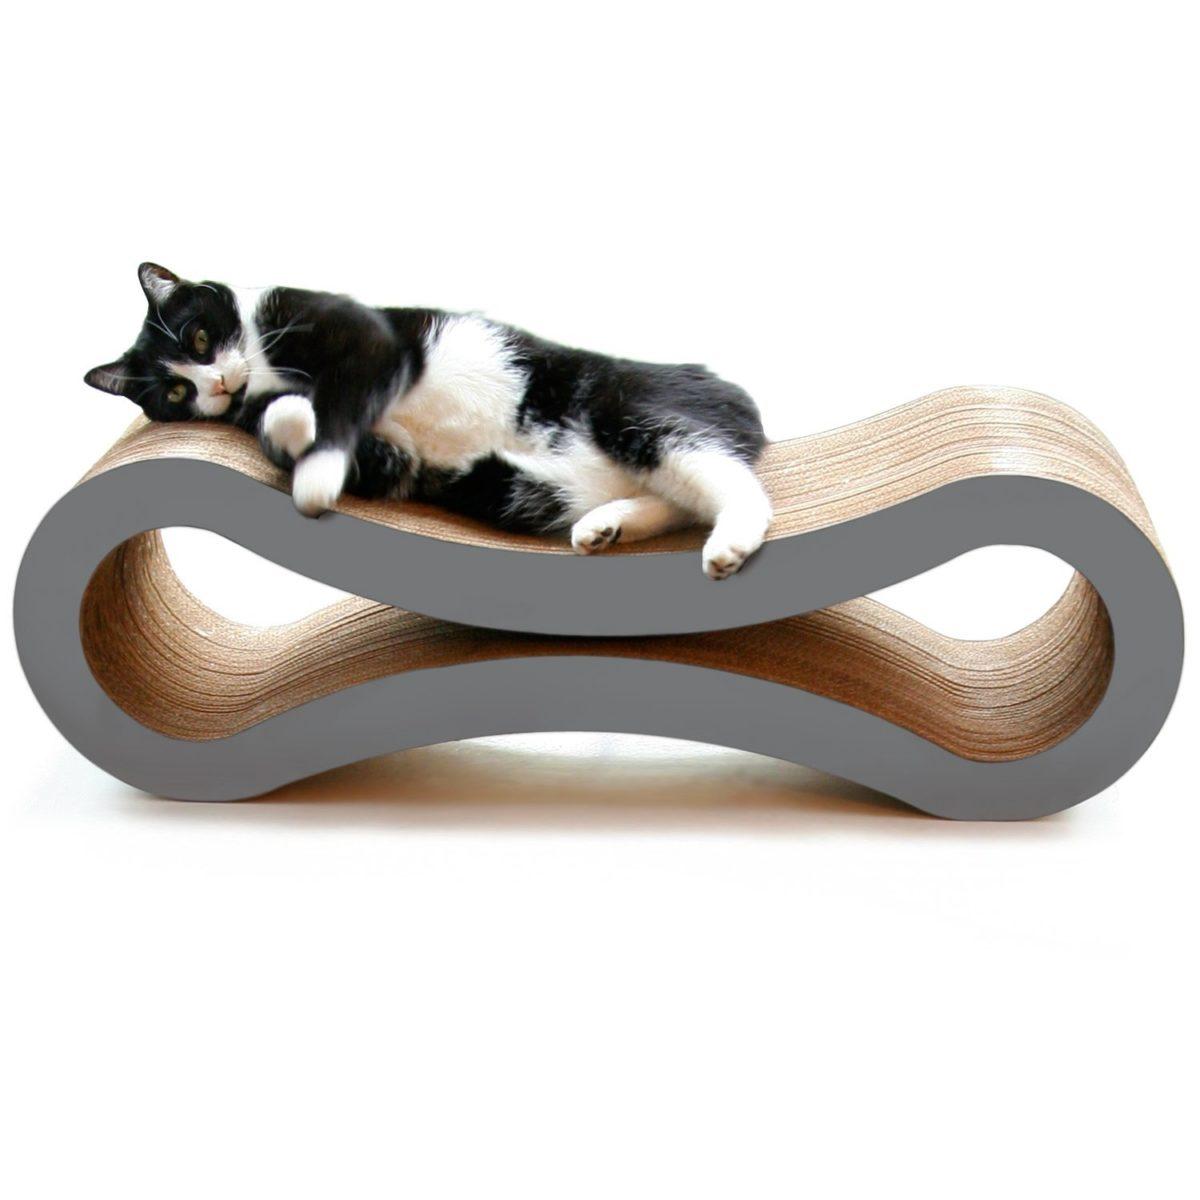 cardboad cat scratcher lounge